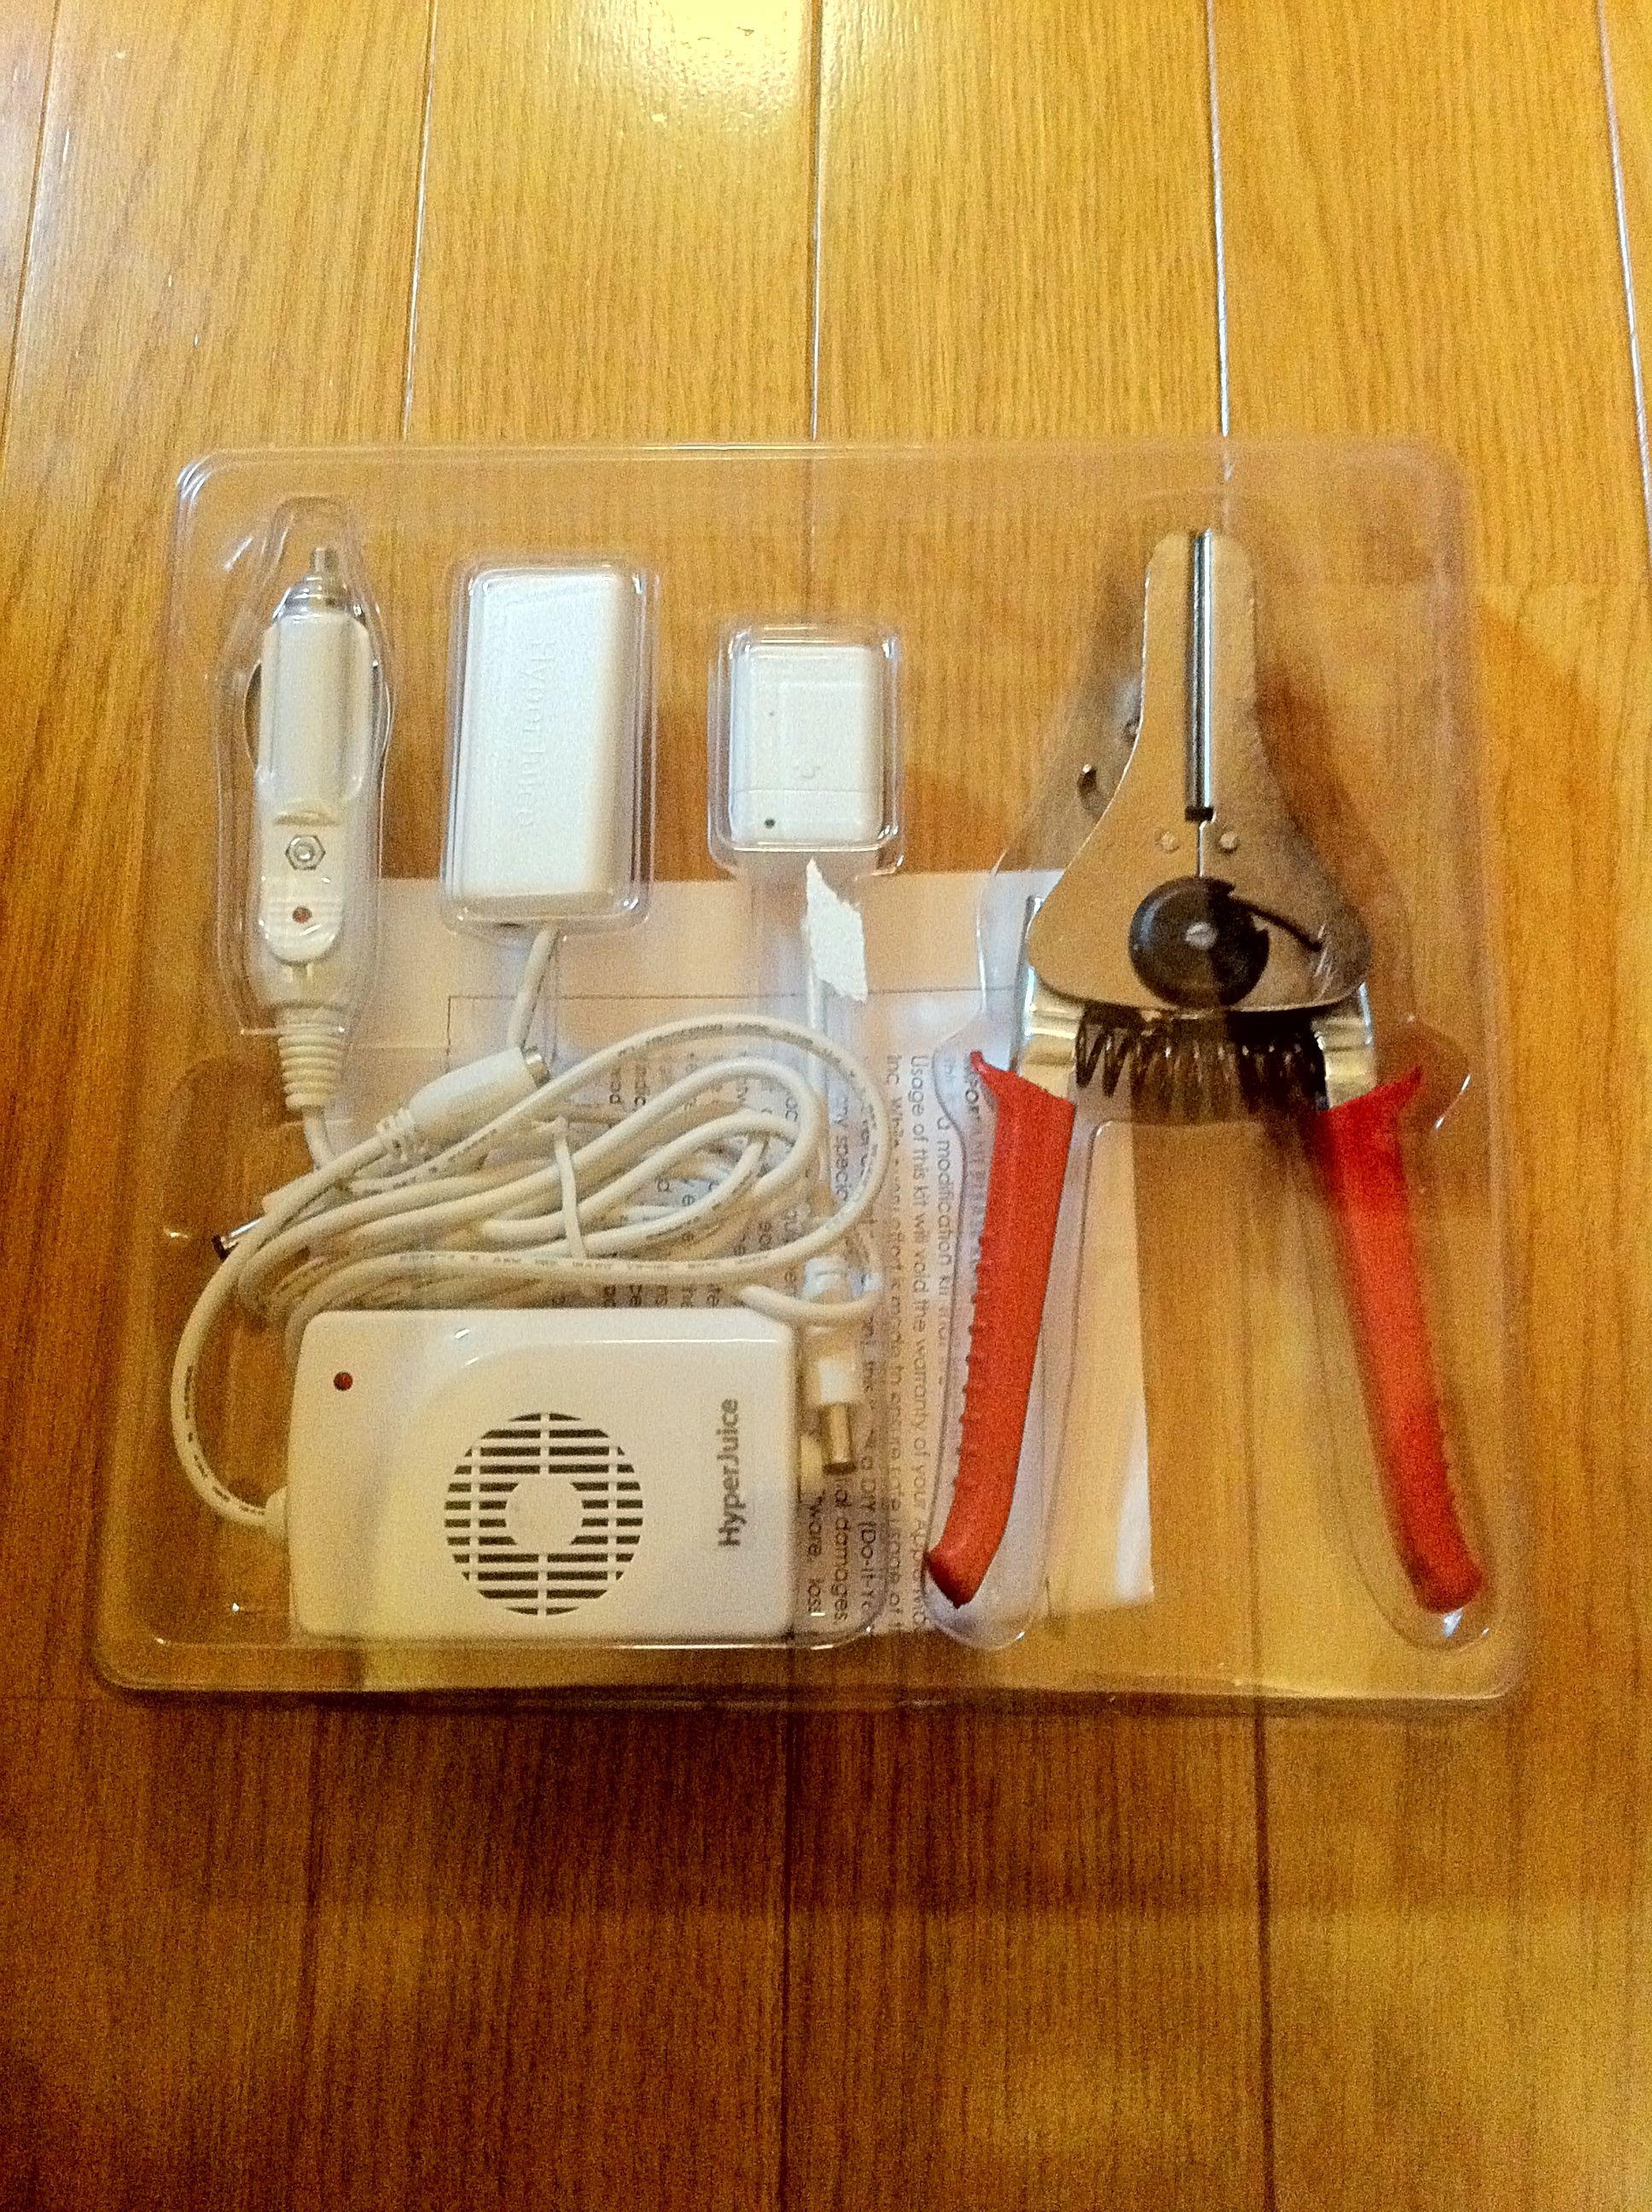 MacBookが充電出来るHyperJuiceのMagic Boxの工作が完了